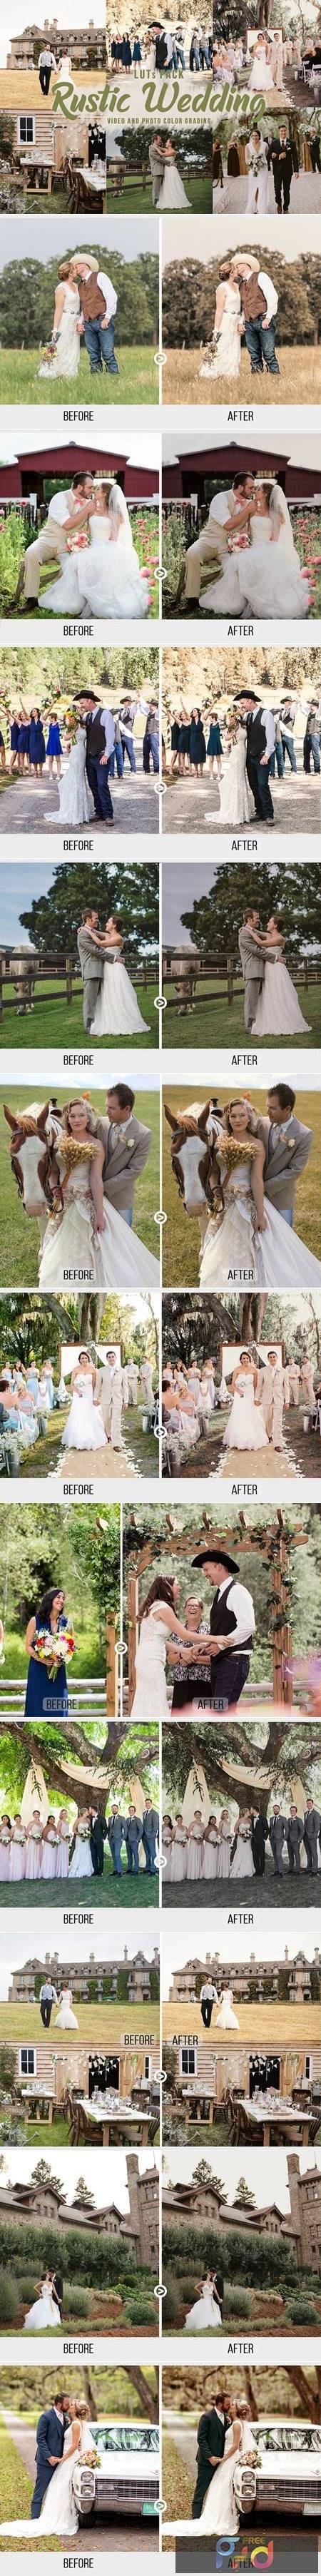 Rustic Wedding LUTs - Video Color Grading Filters PELW3D8 1